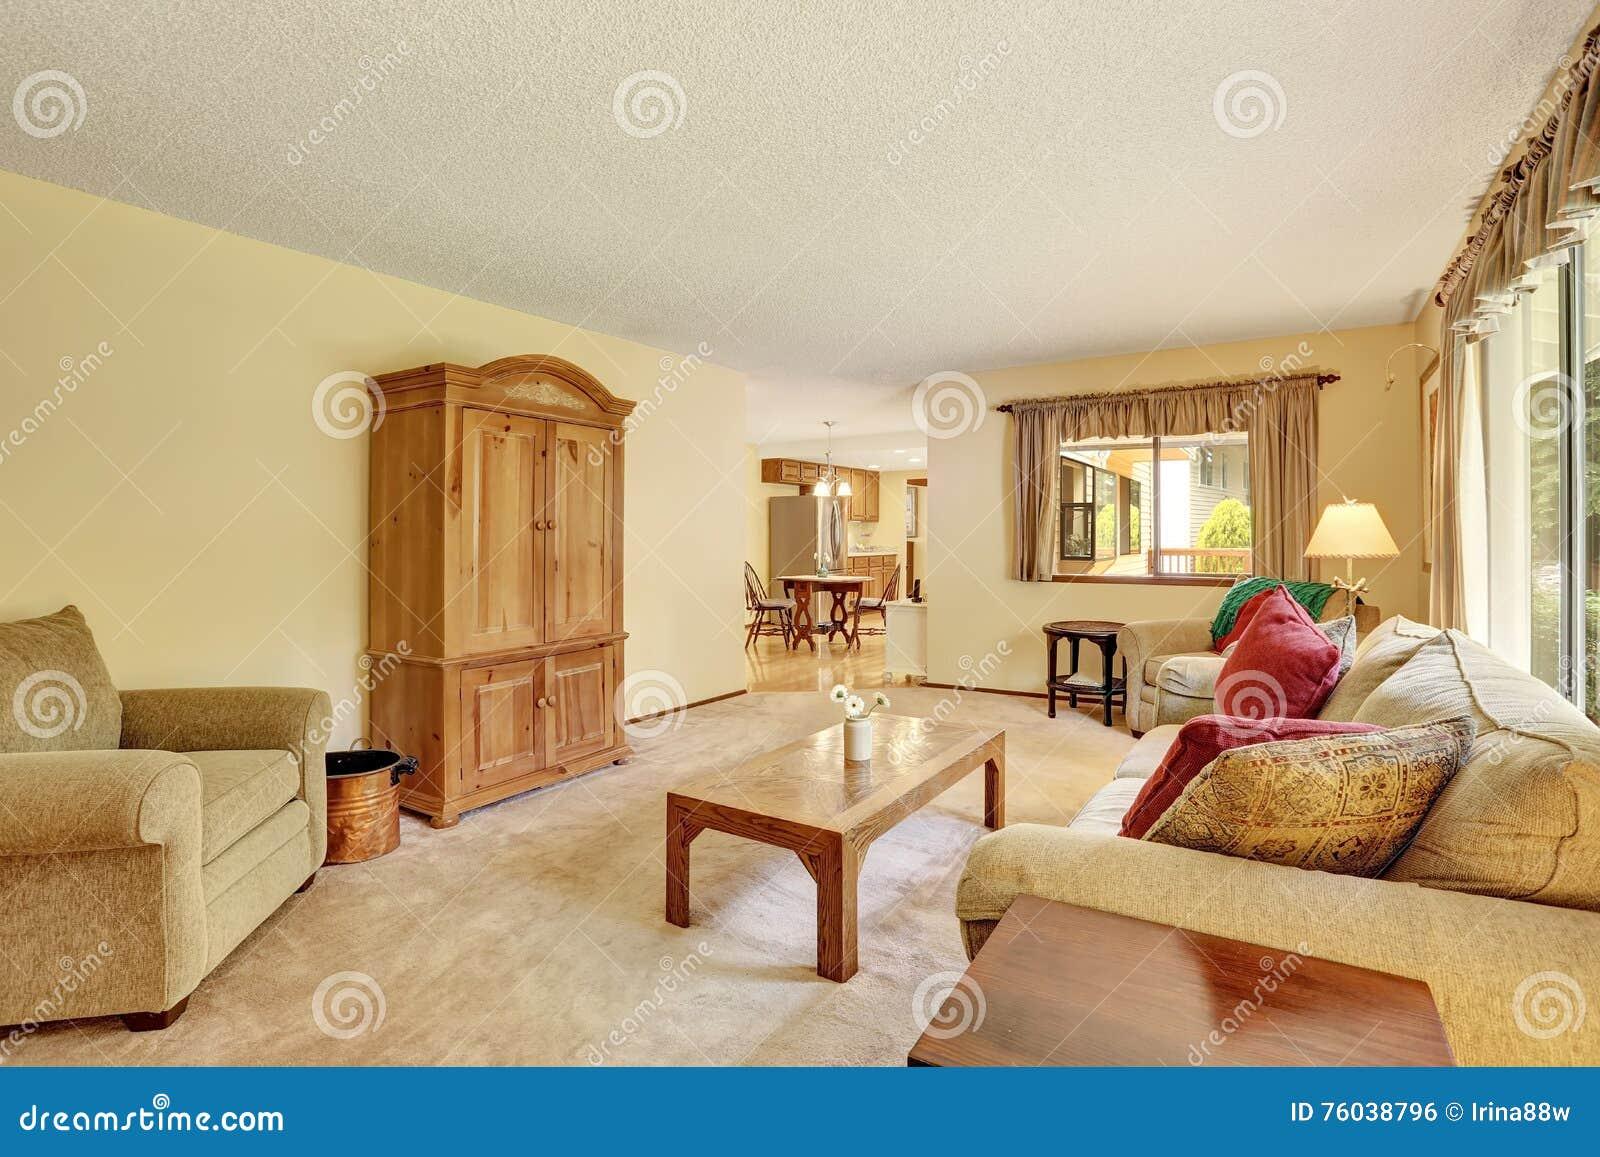 Koraalkleur De Woonkamer : Klassieke woonkamer met lichtgele muren en wit meubilair stock